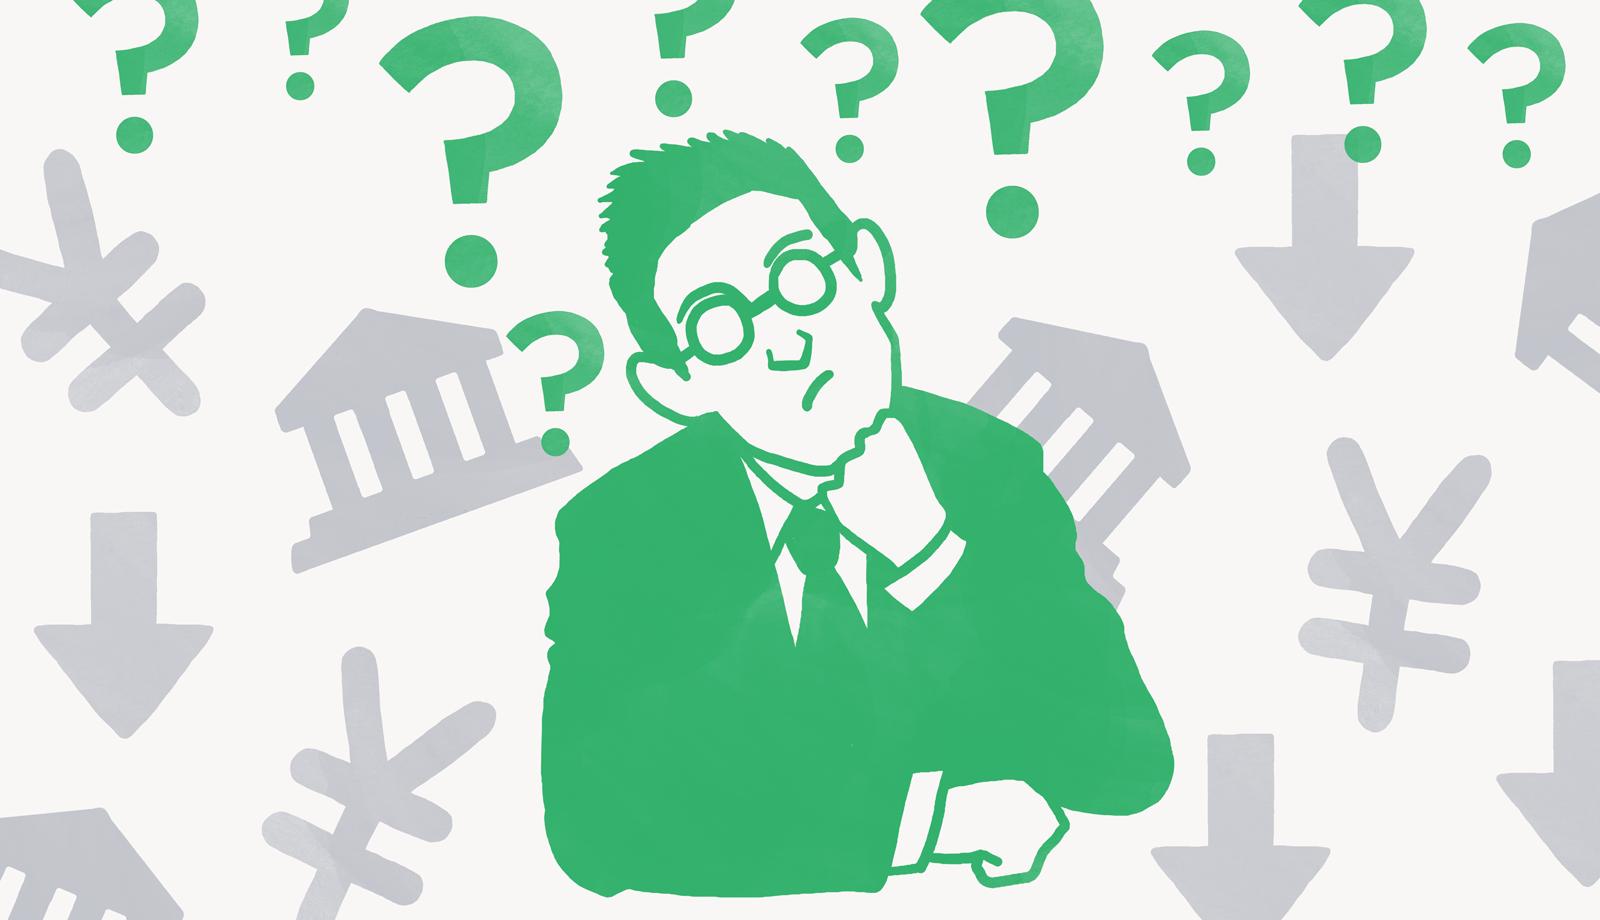 マイナス金利時代とどう付き合う?預金と投資のバランス